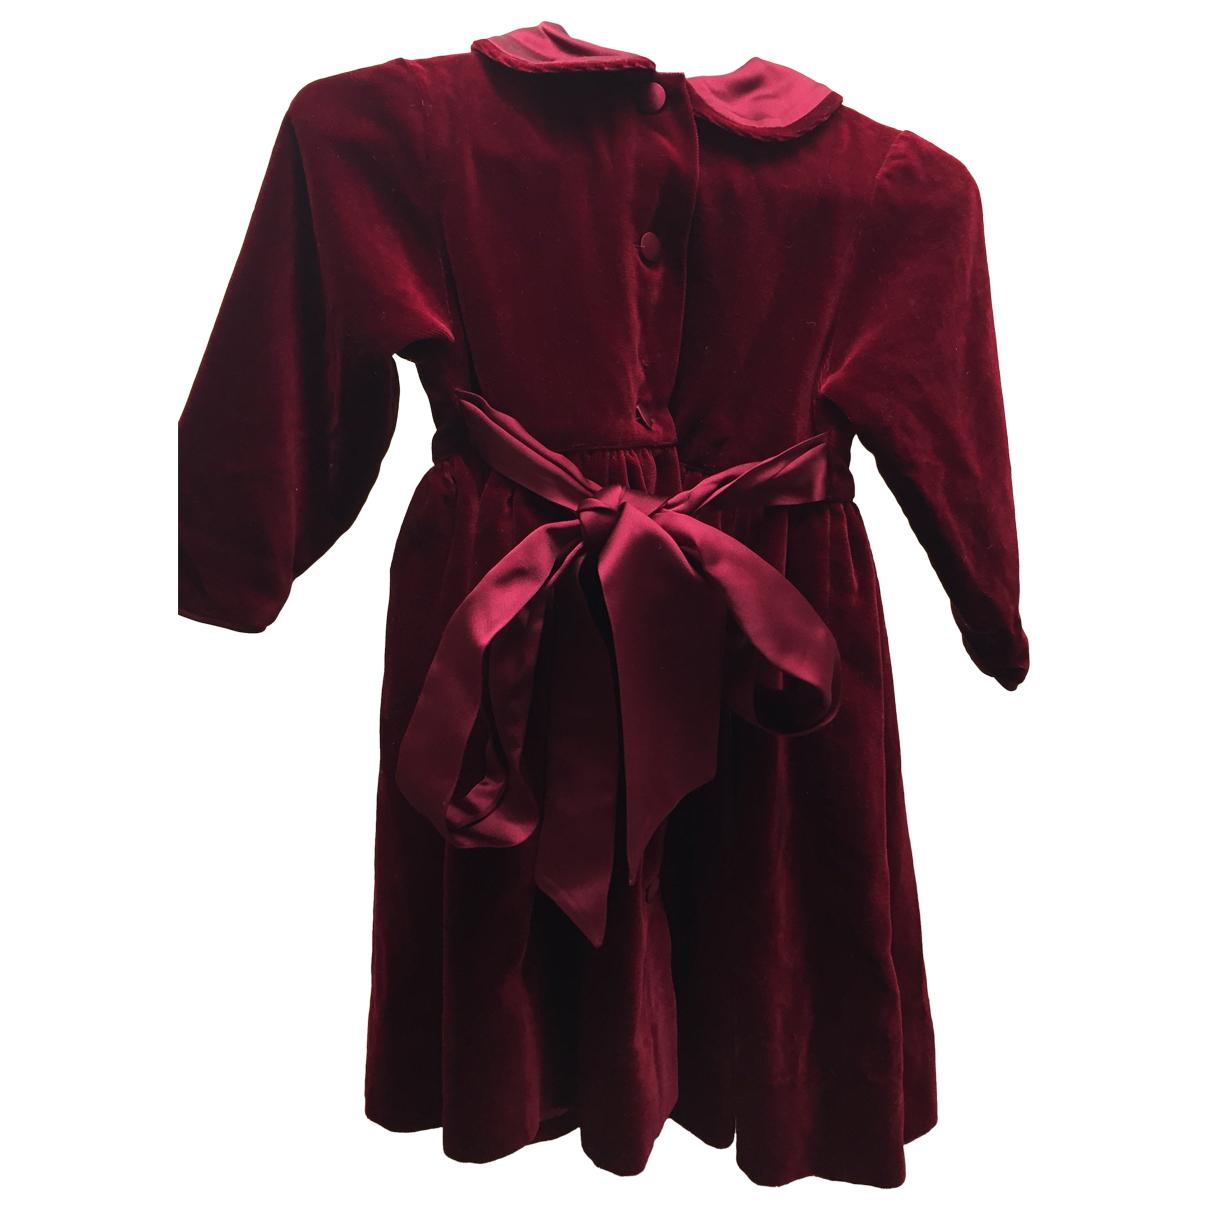 Baby Dior \N Kleid in  Bordeauxrot Samt